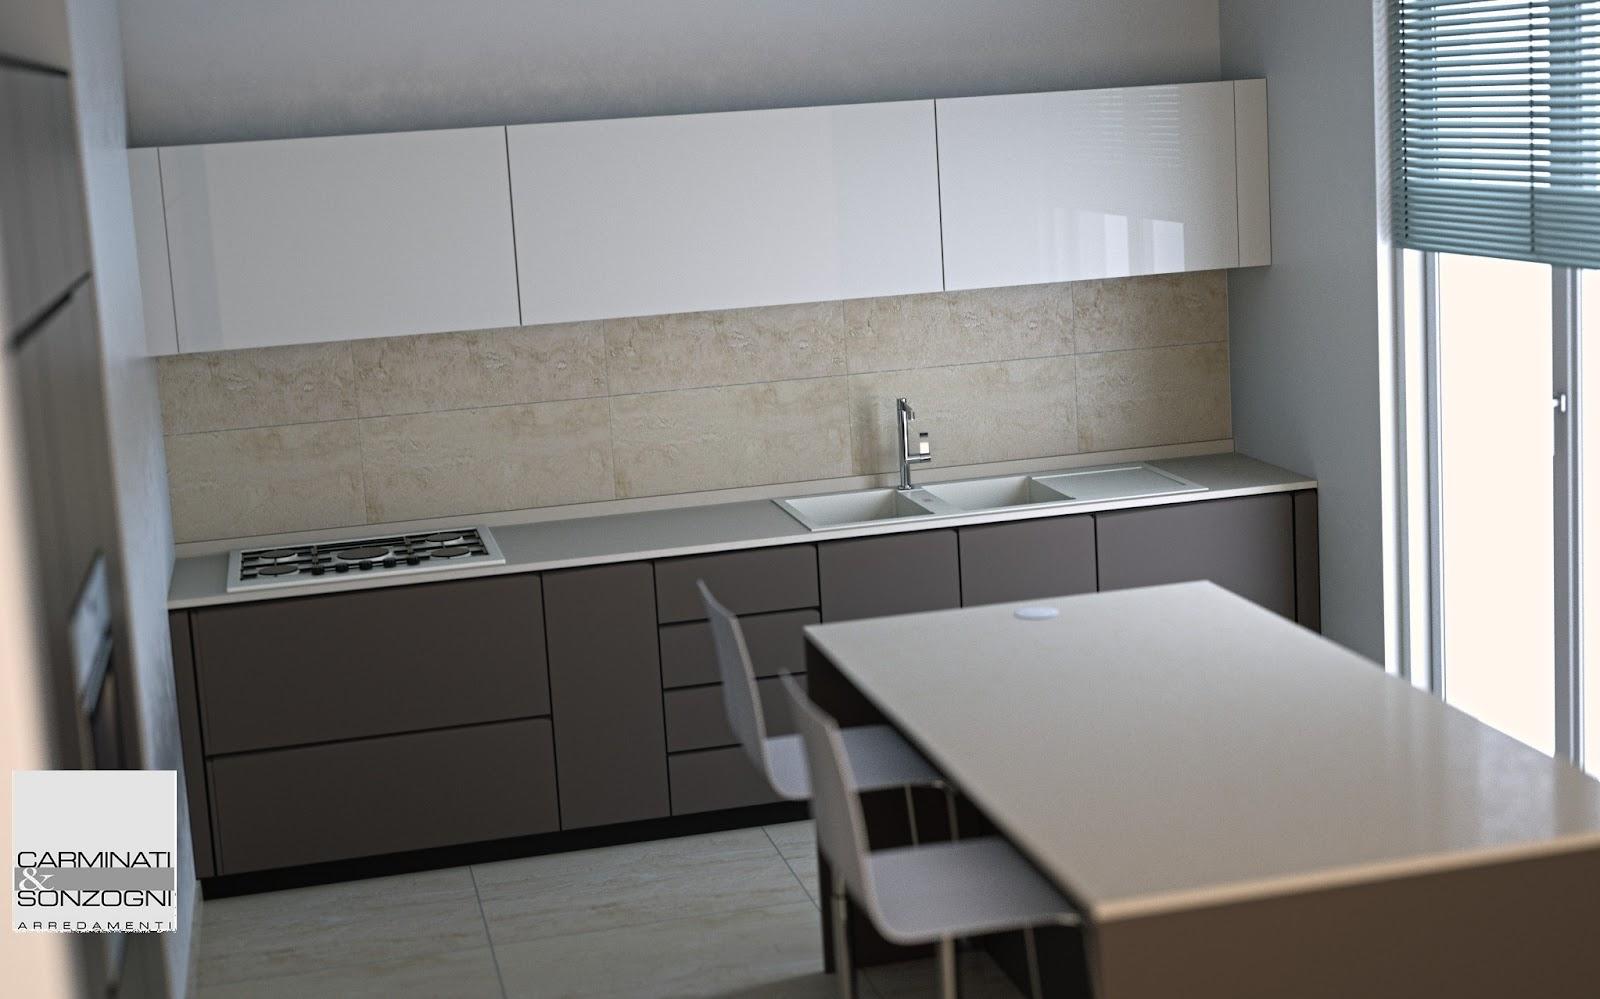 Cucine la casa moderna carminati e sonzognicarminati e for Piani casa a prezzi accessibili 5 camere da letto